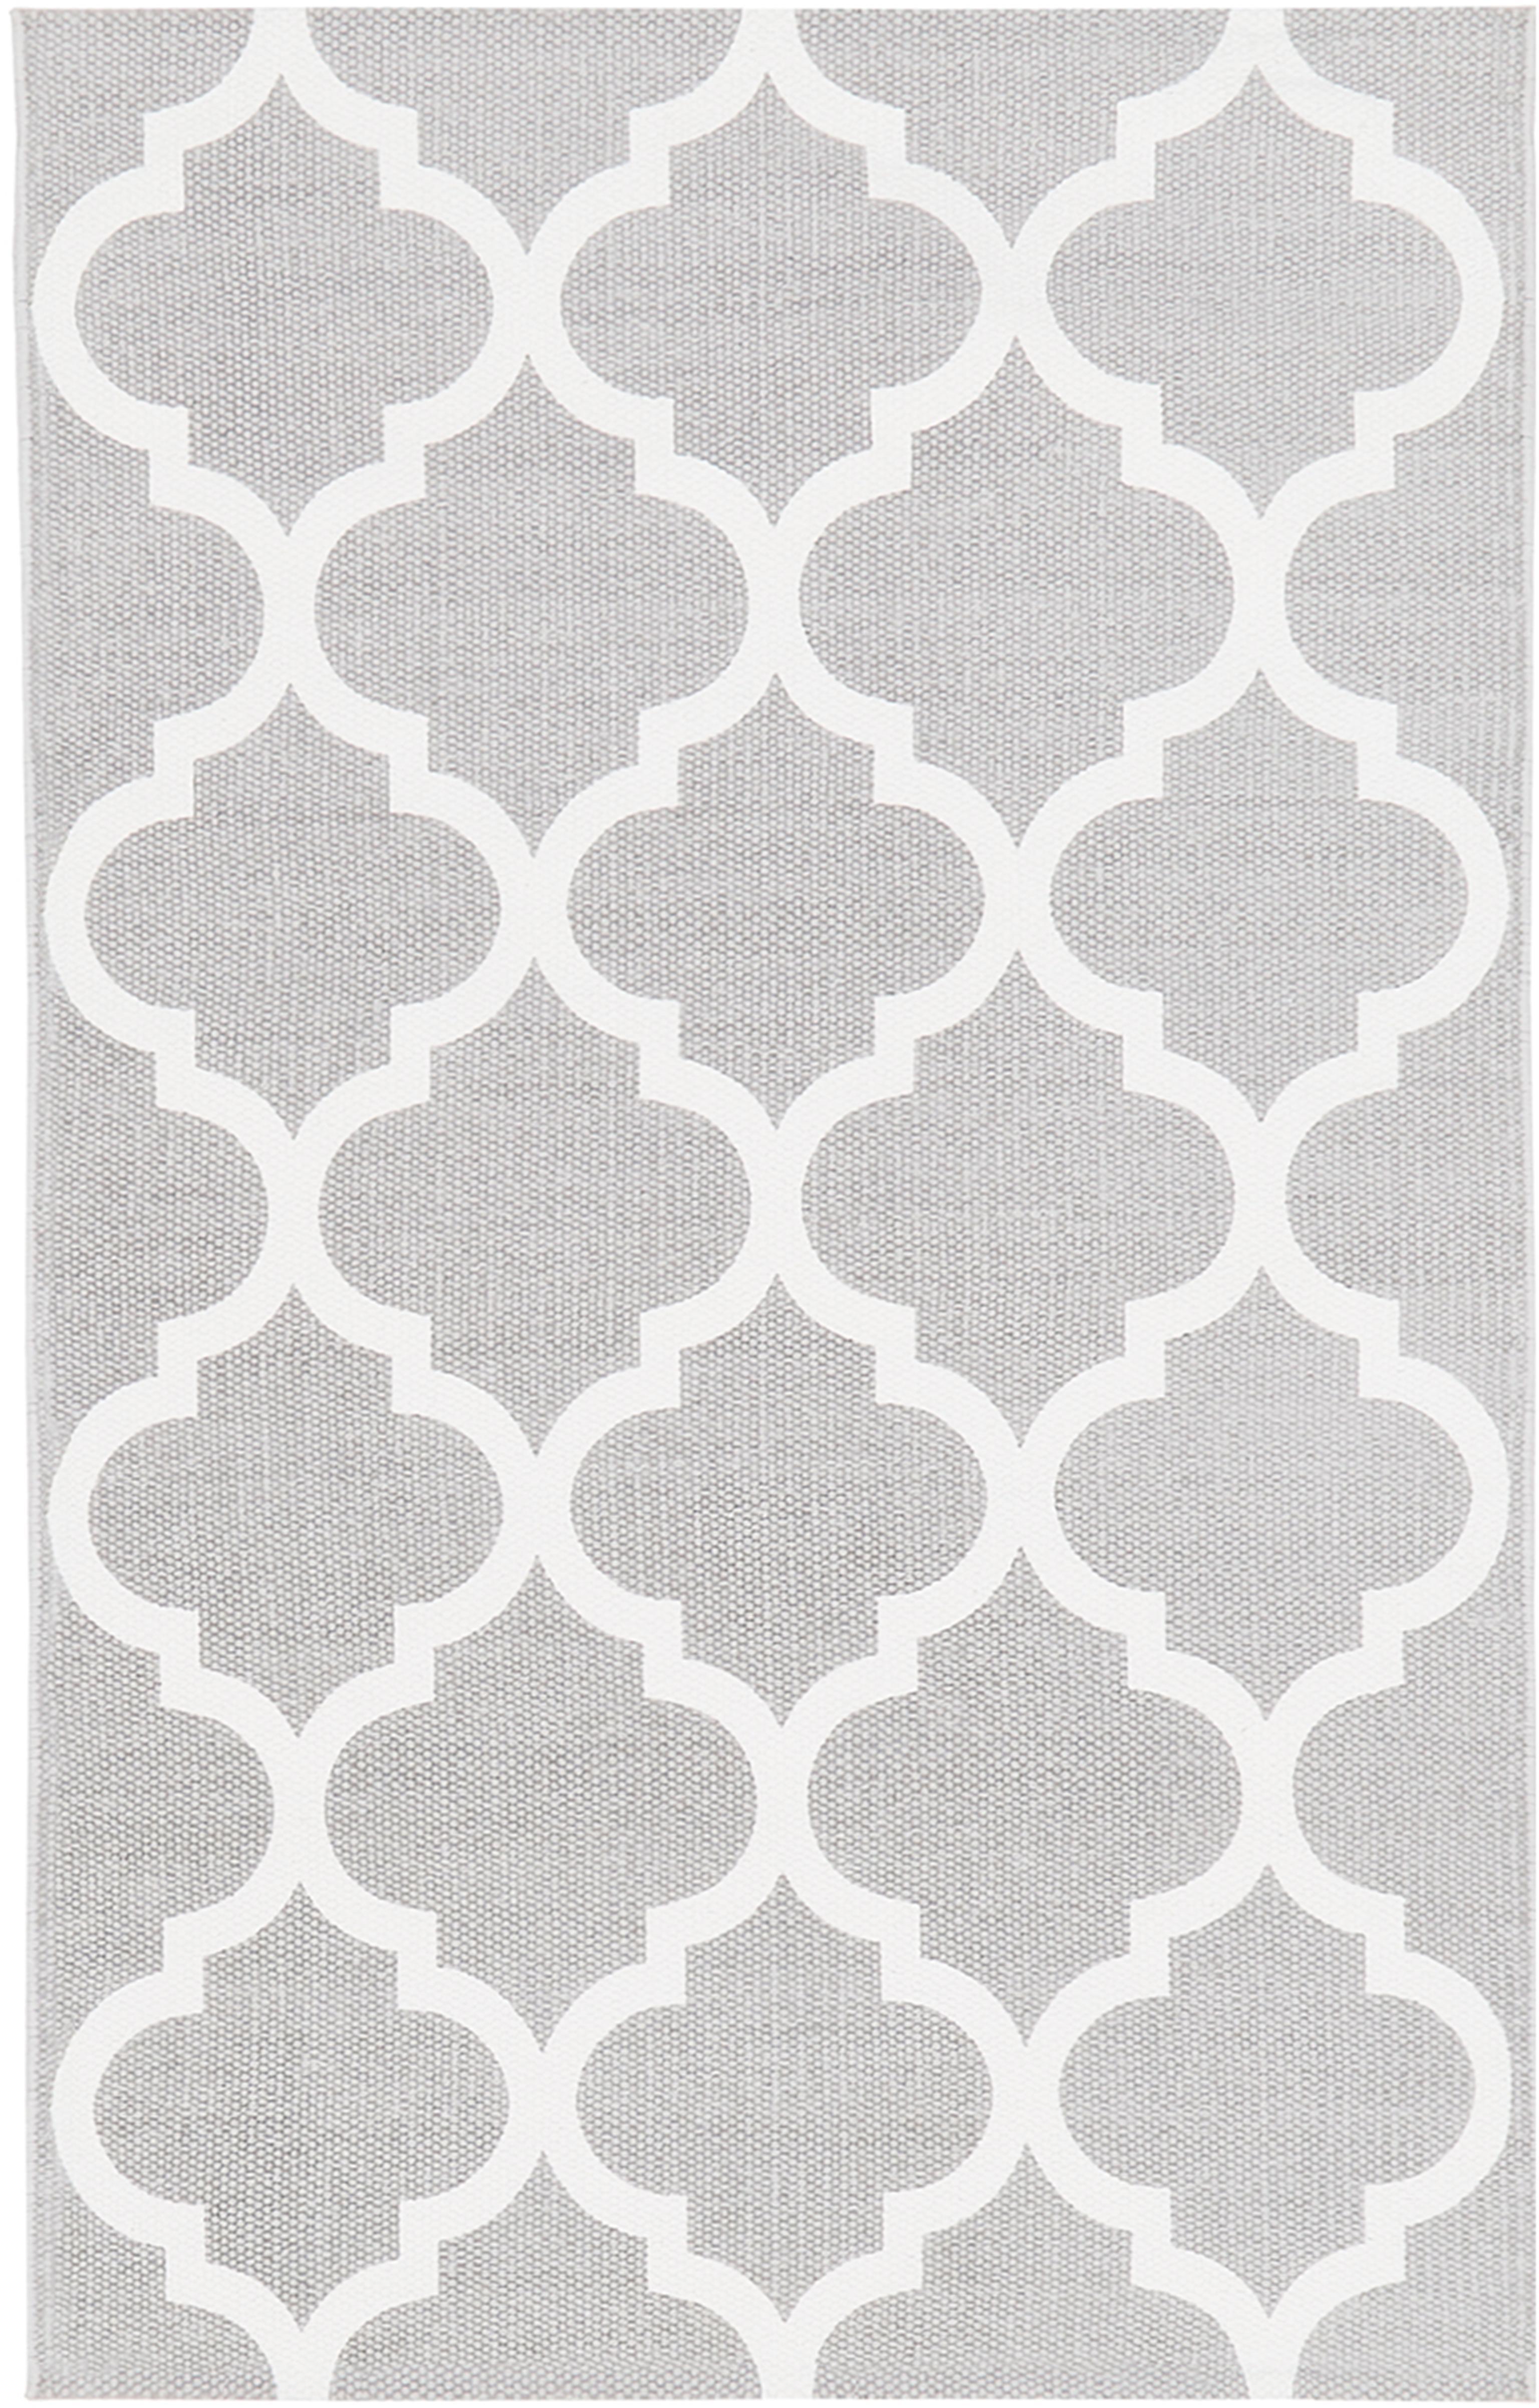 Vlak geweven katoenen vloerkleed Amira in grijs/wit, Katoen, Lichtgrijs, crèmewit, B 50 x L 80 cm (maat XXS)